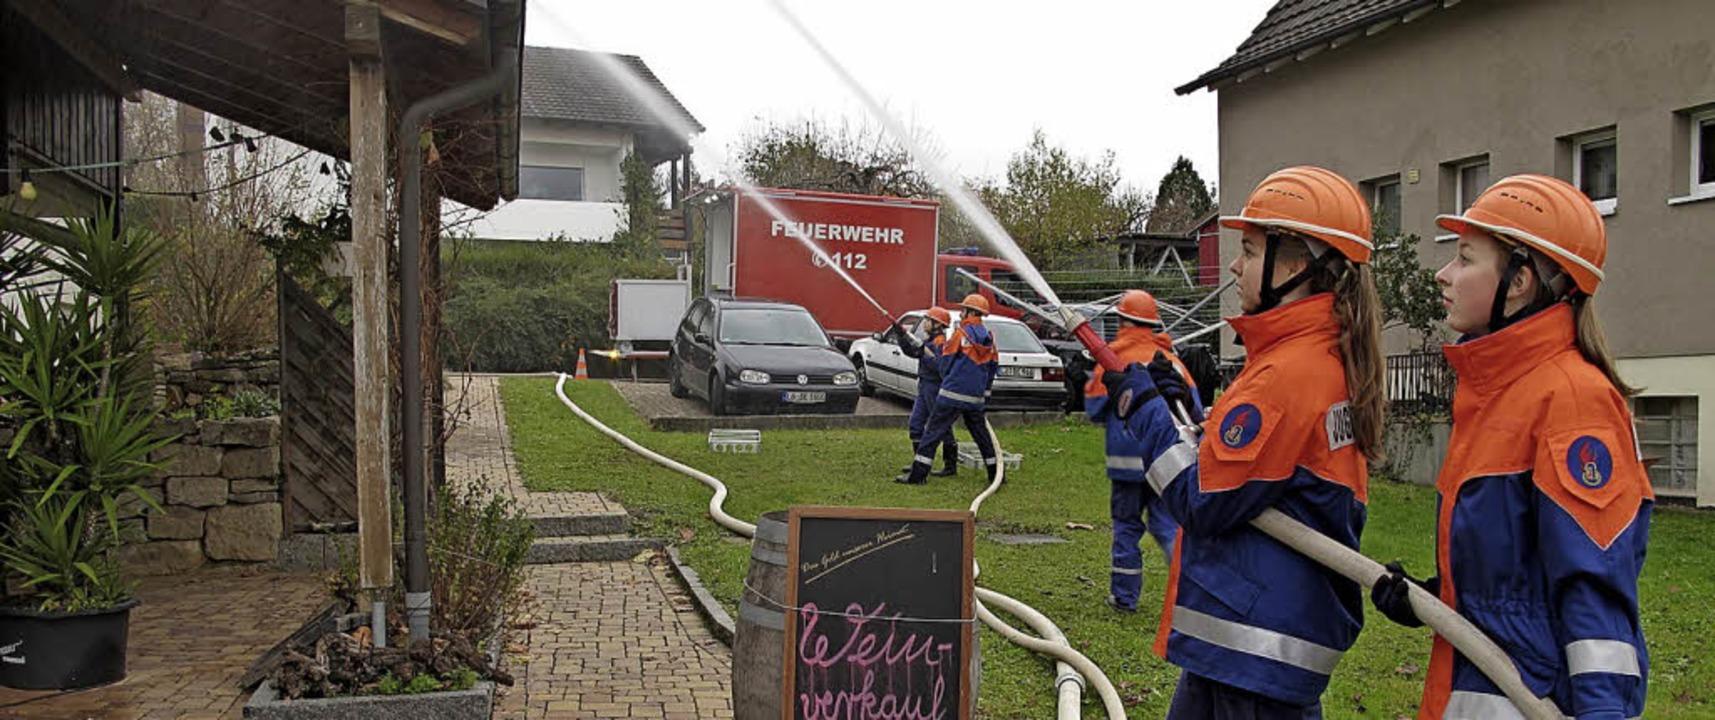 Feuerwehrabschlussübung am Weingut Ern...n und Schallbach und dem DRK Wollbach.    Foto: Jutta Schütz